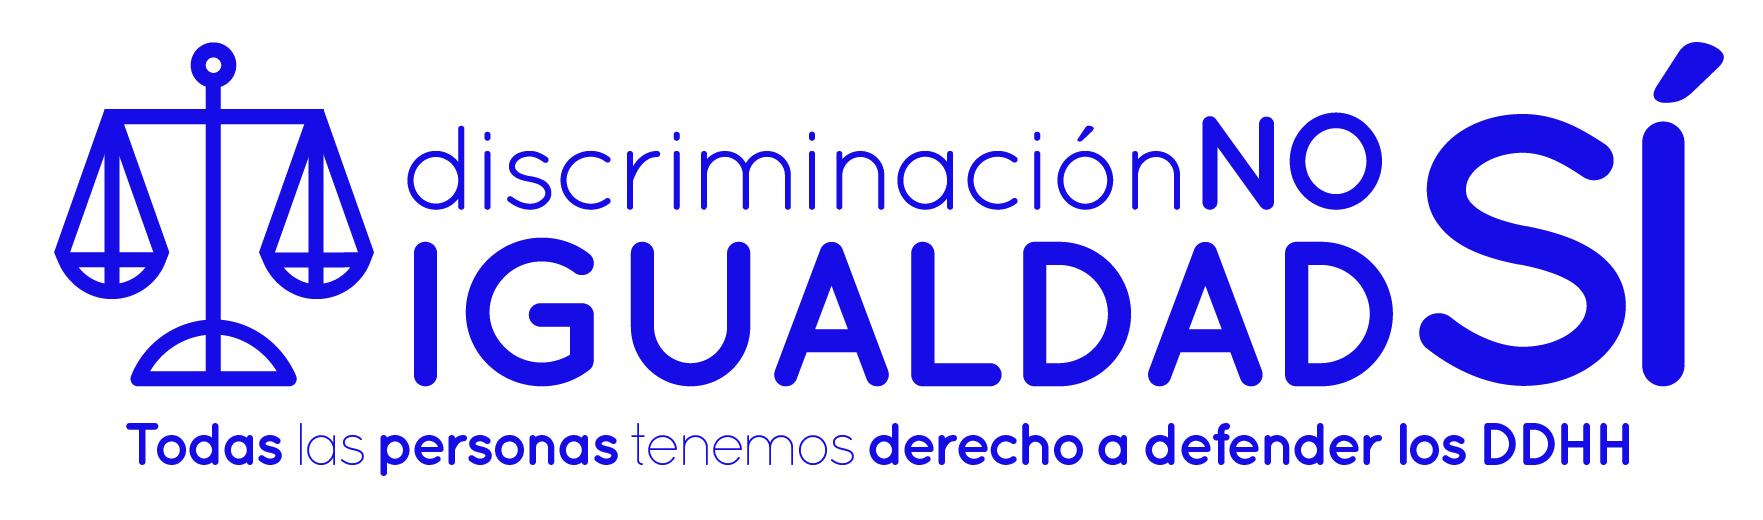 LogoIgualdad_Defensor